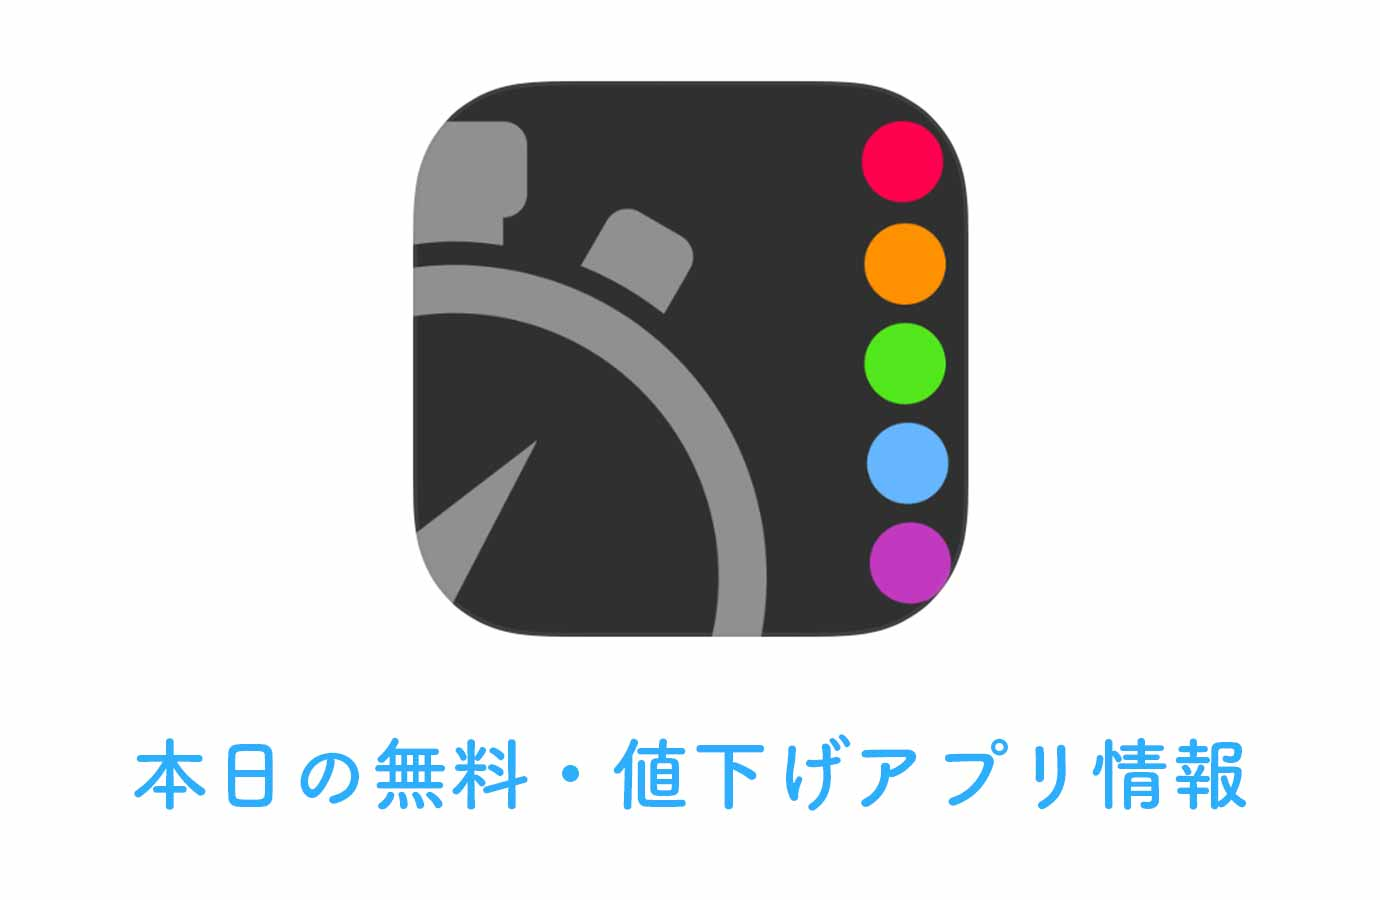 【360円→無料】エクササイズに最適なインターバルタイマーアプリ「Time Me」など【3/15】本日の無料・値下げアプリ情報